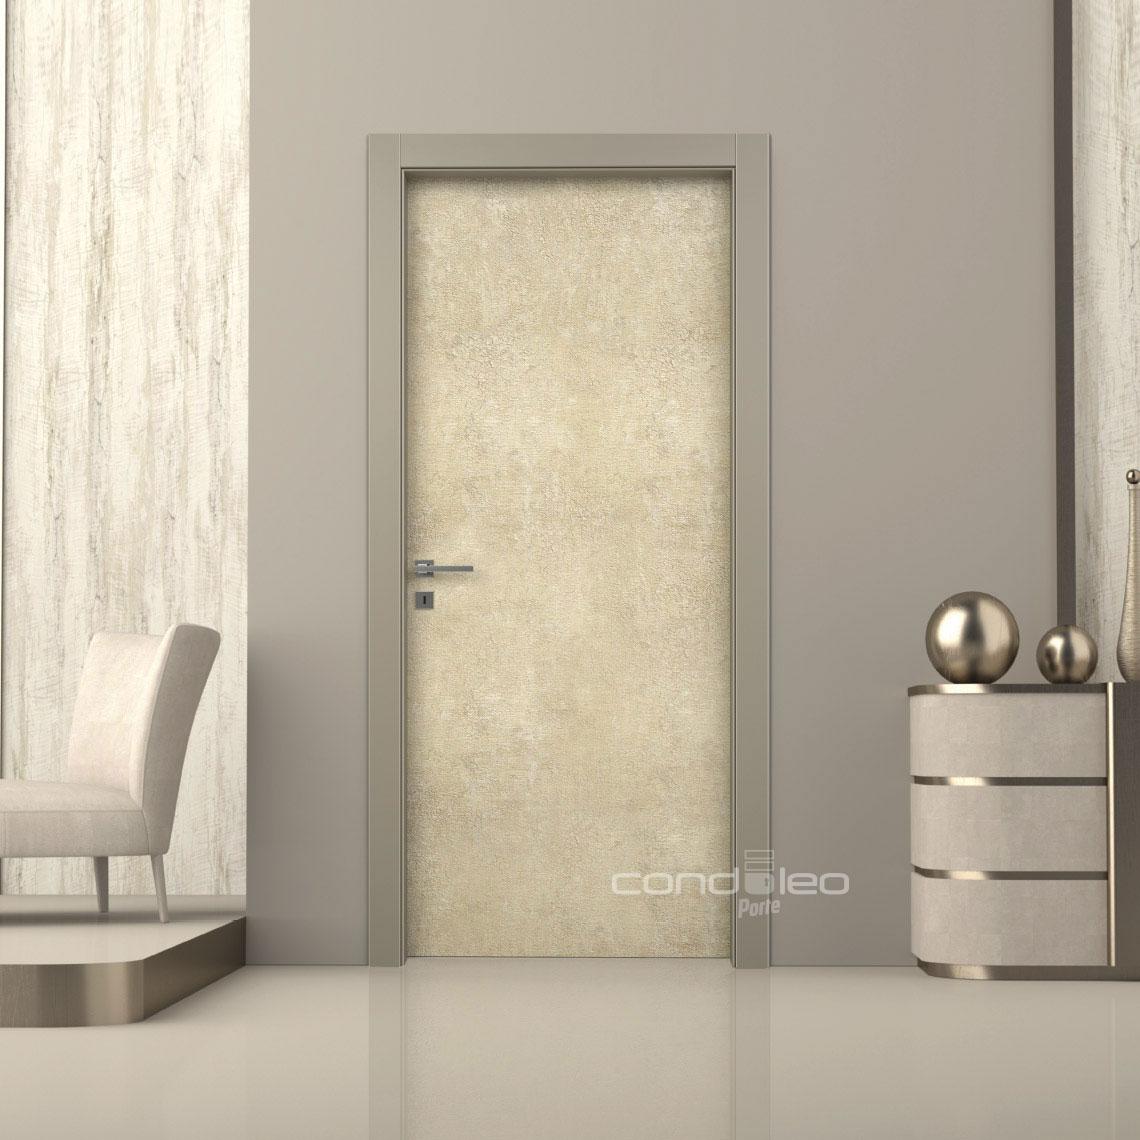 porta alta classe texture a032 porte interne condoleo